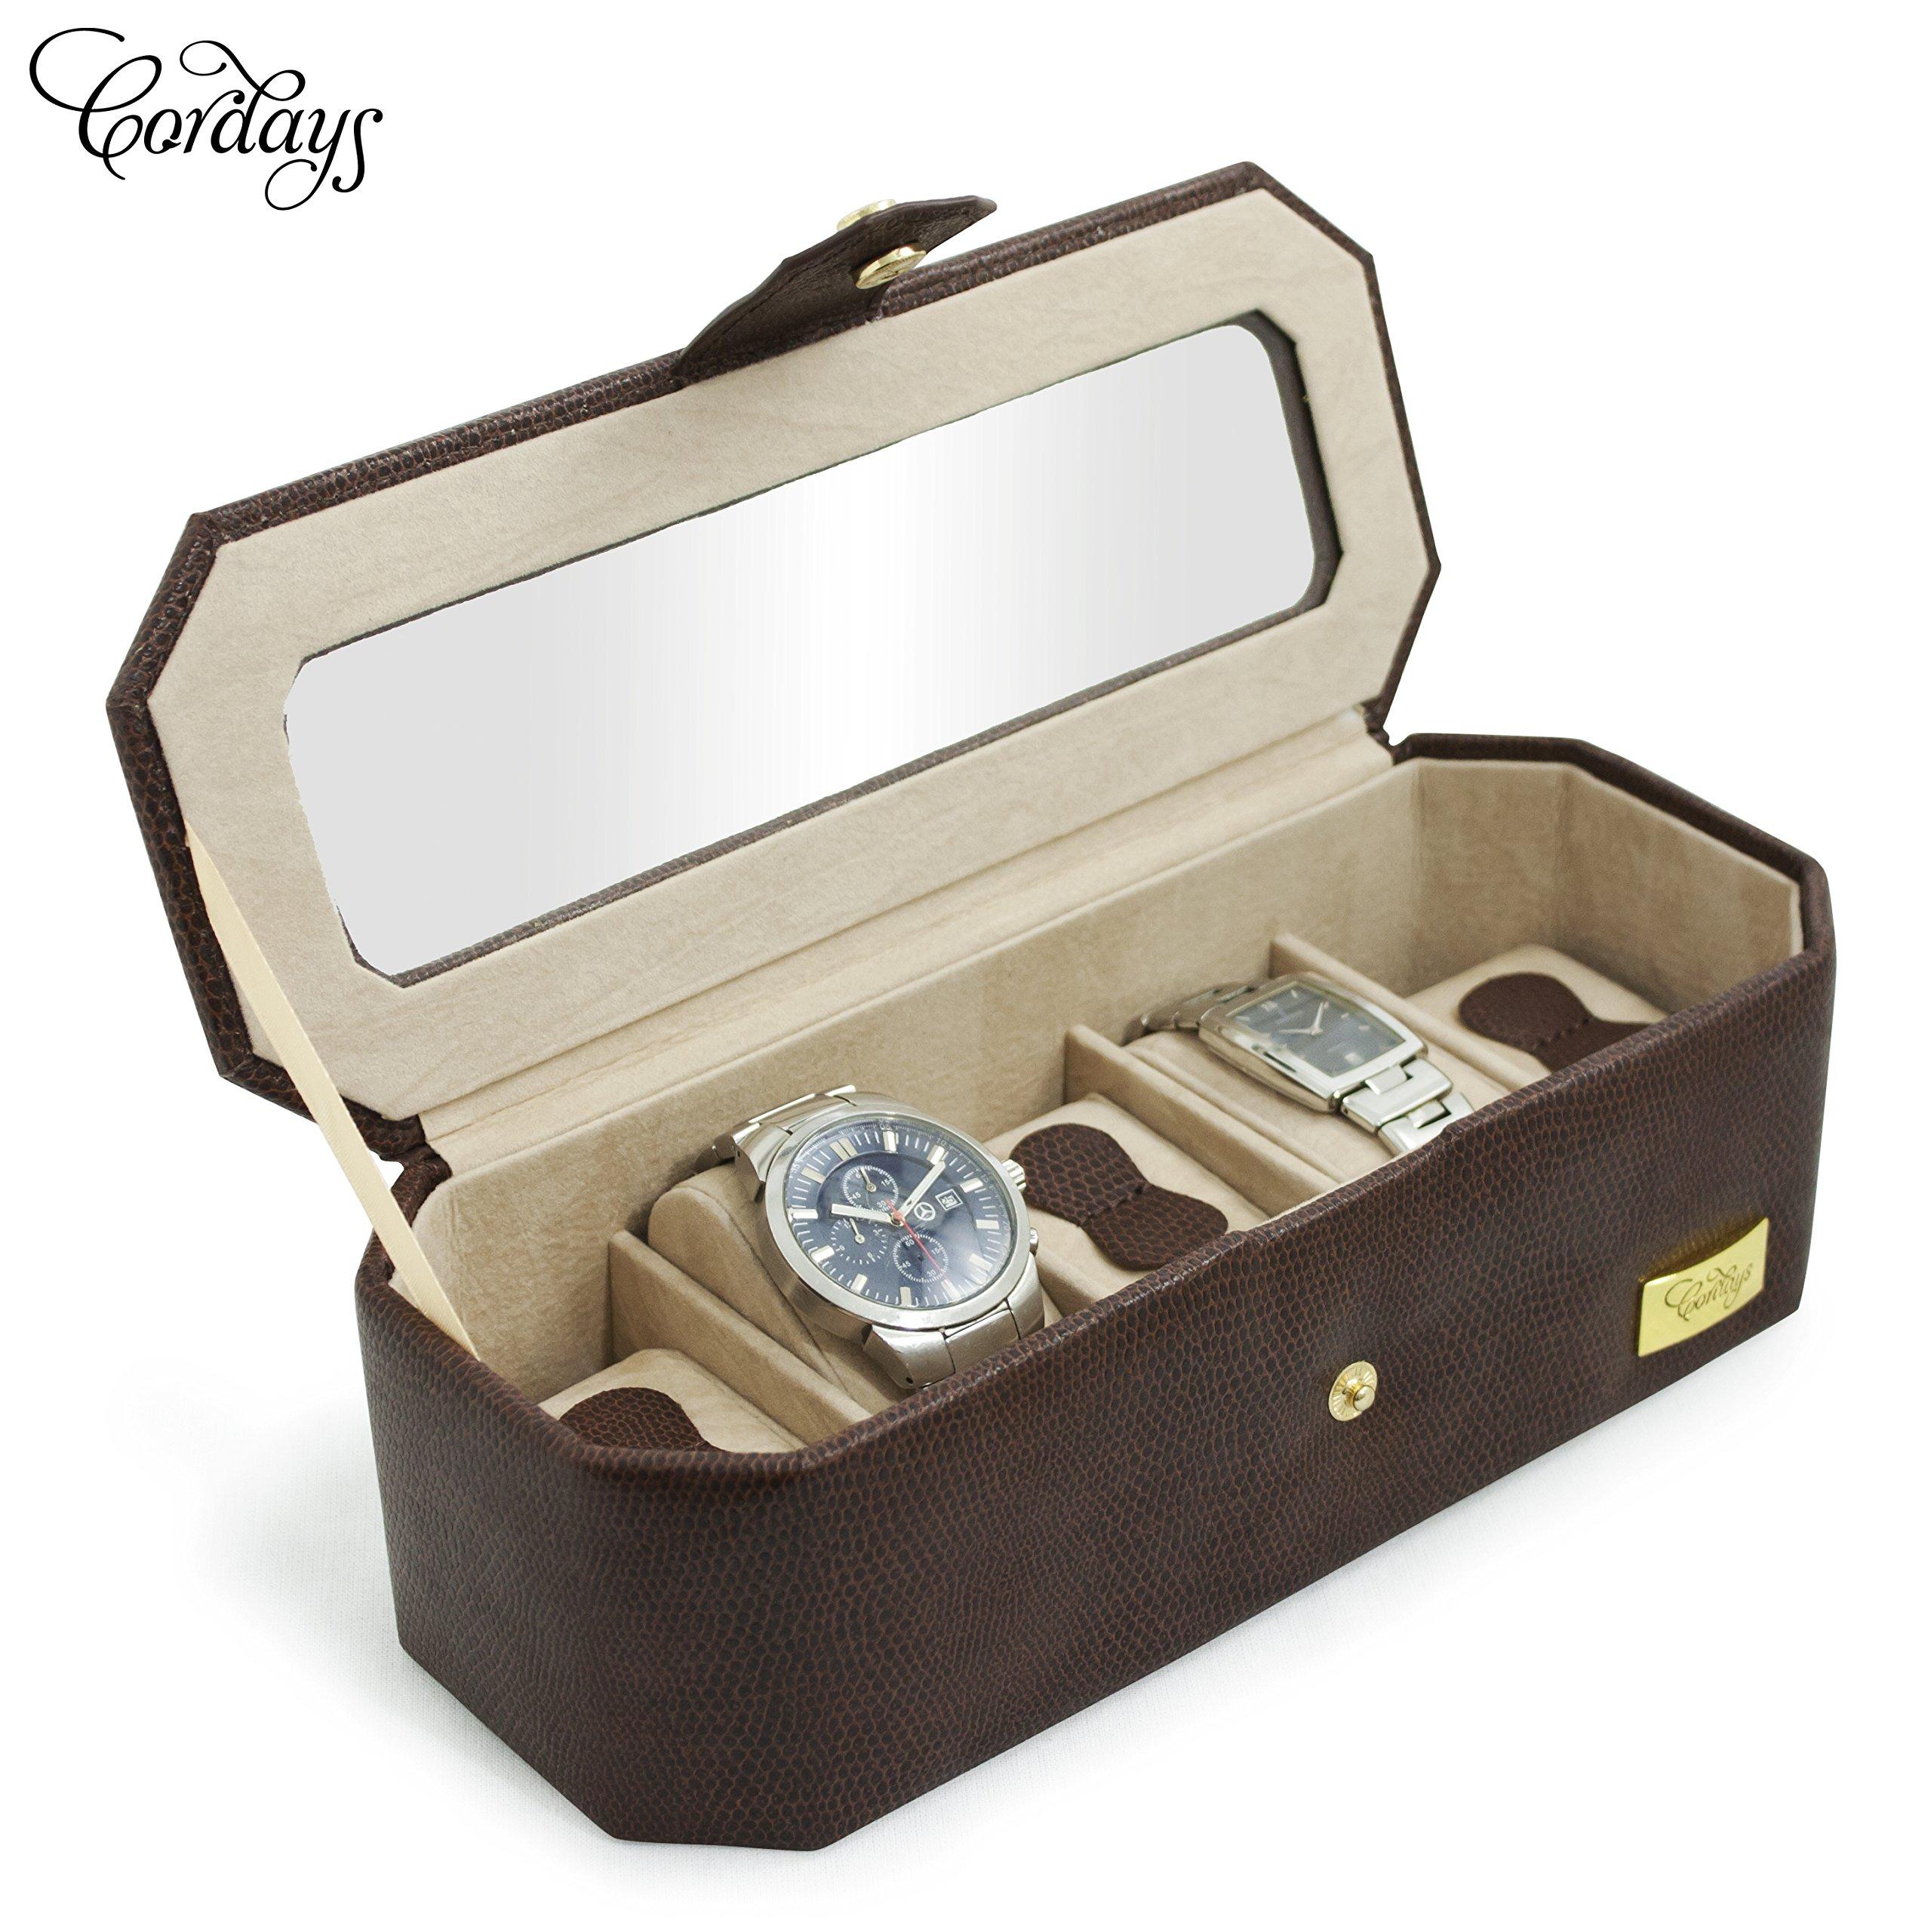 CORDAYS - Estuche Relojero para 5 Relojes con Vitrina de Cristal Joyero Relojero para Accesorios y Joyas -Hecho a Mano- Color Marrón CDM-00034: Cordays: Amazon.es: Joyería